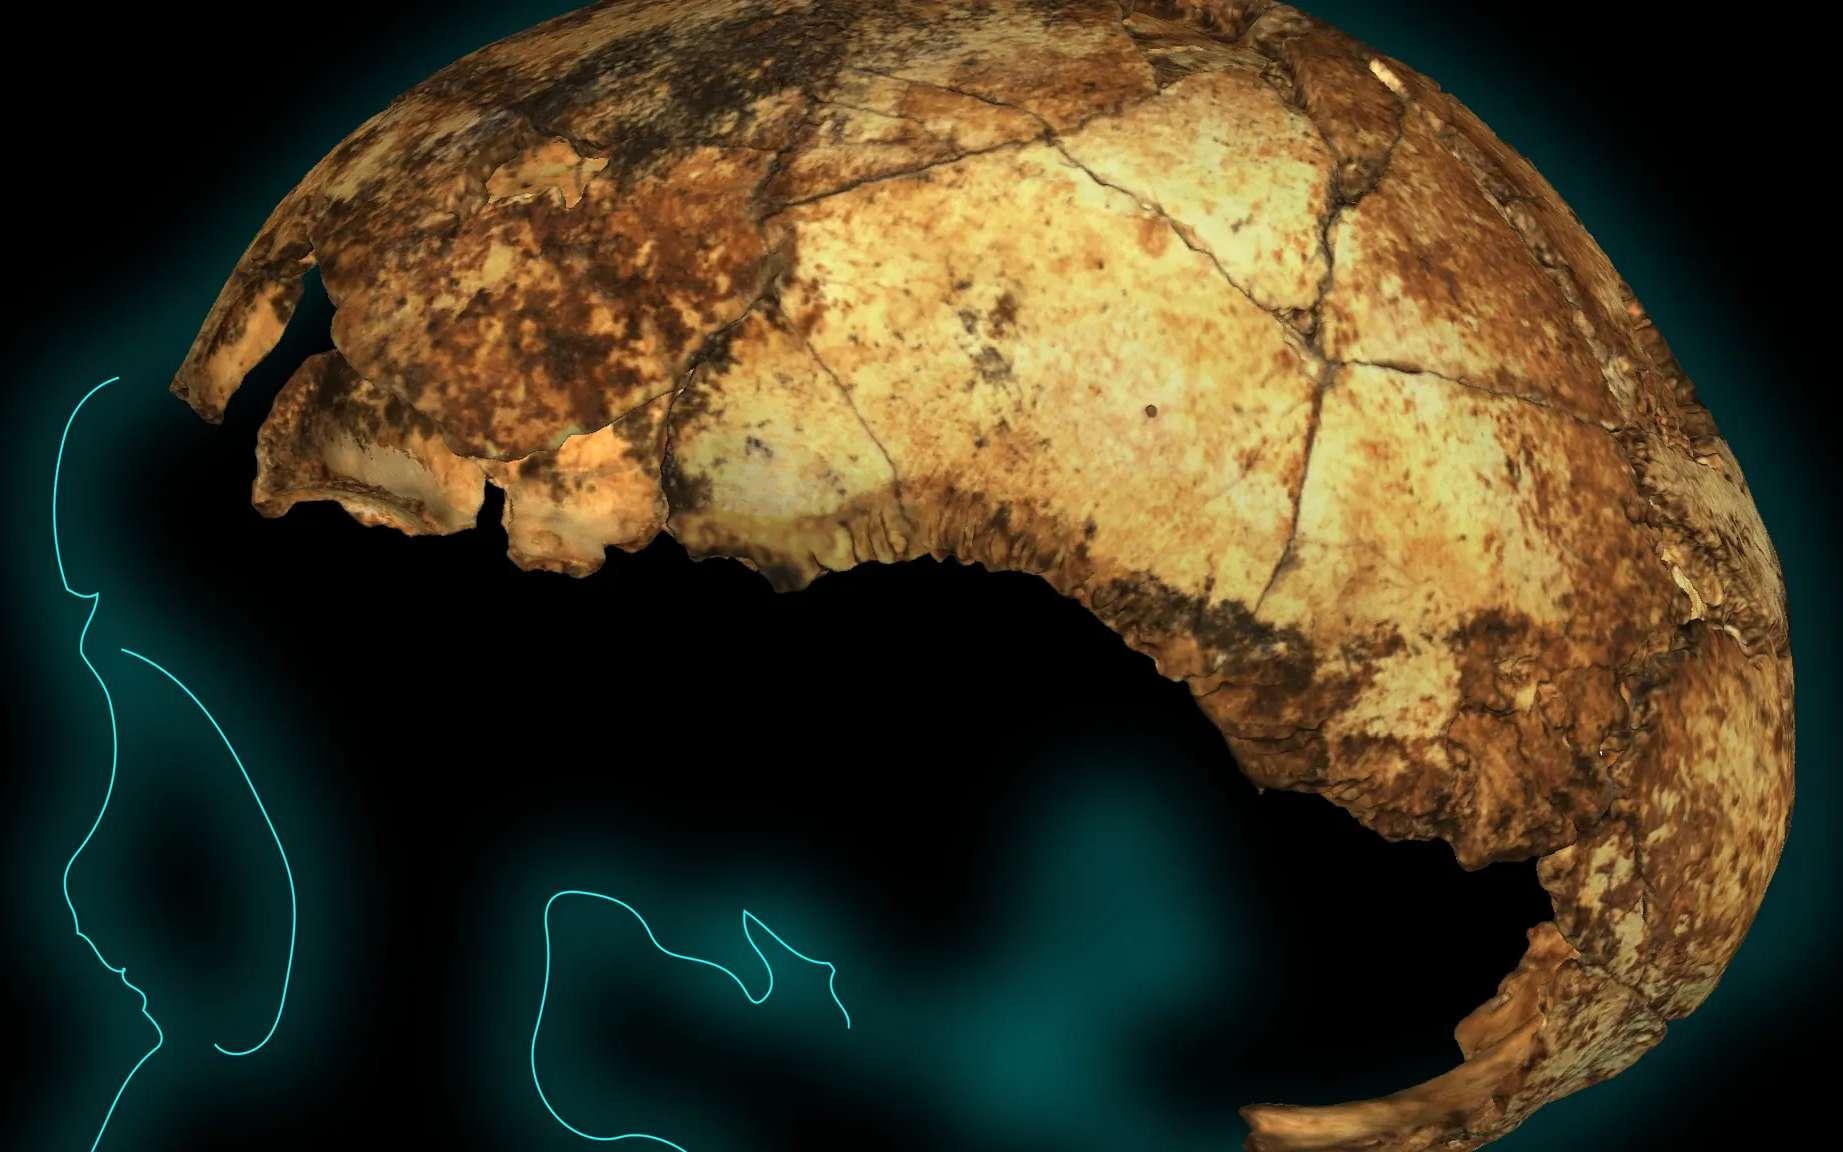 Ce crâne d'Homo erectus est âgé de 2 millions d'années, un record à ce jour. © Matthew V. Caruana